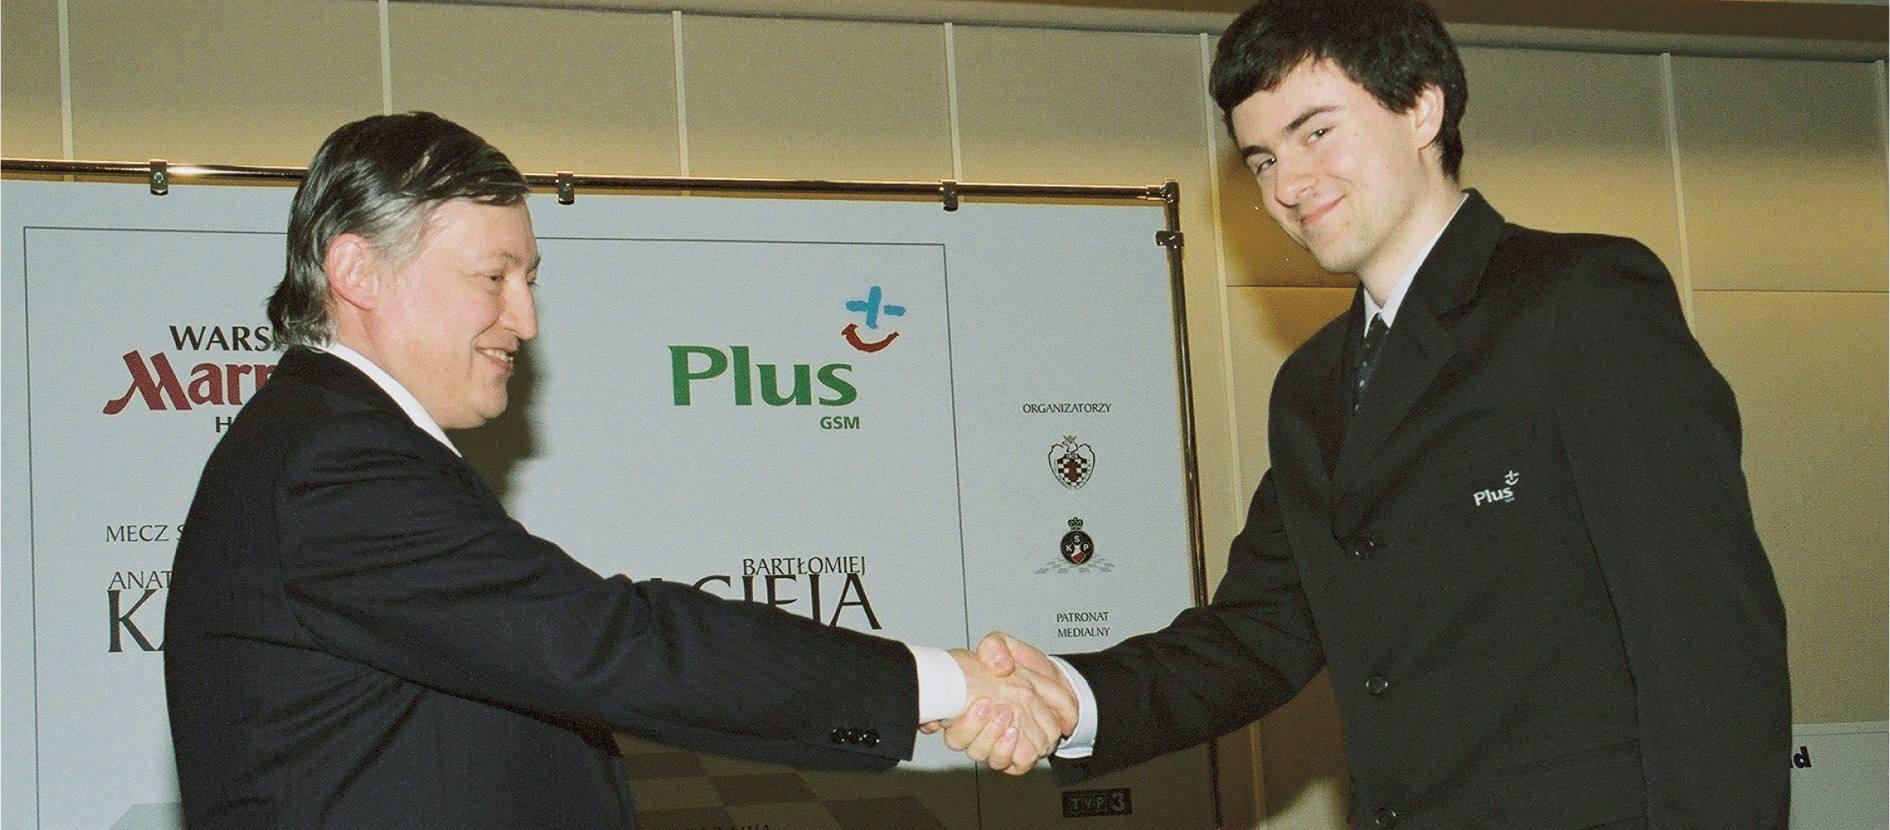 Początek meczu Karpow – Macieja, hotel Marriott, 7-10 kwietnia 2003